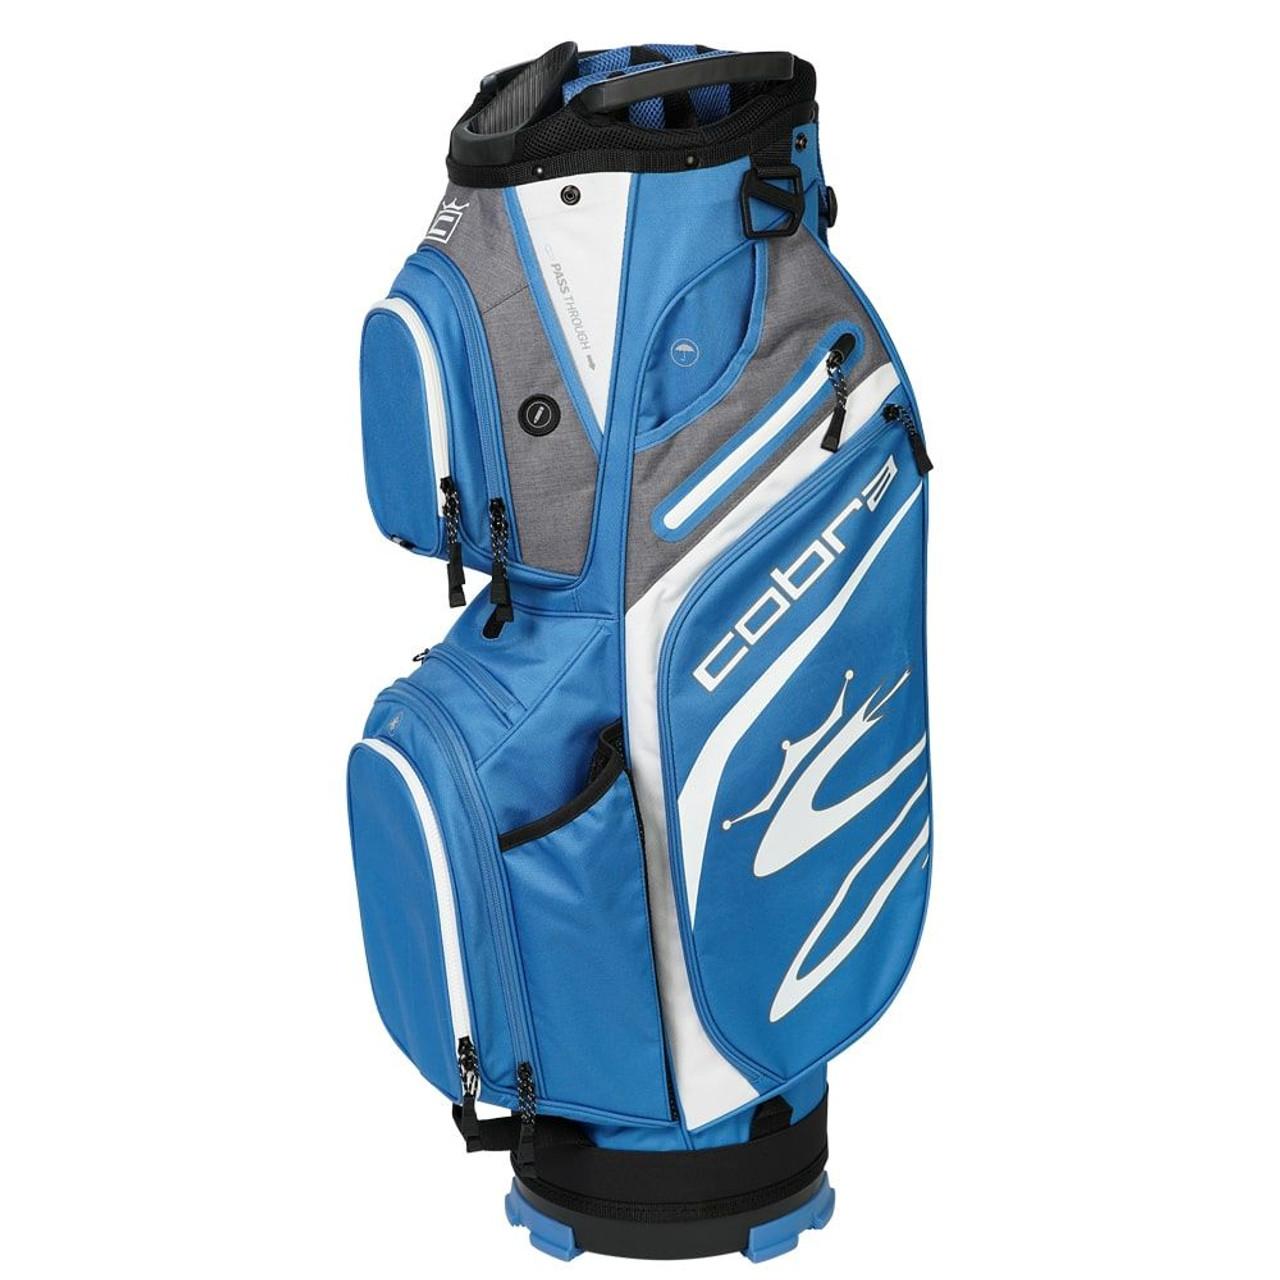 Cobra Ultralight Cart Bag - Star Sapphire